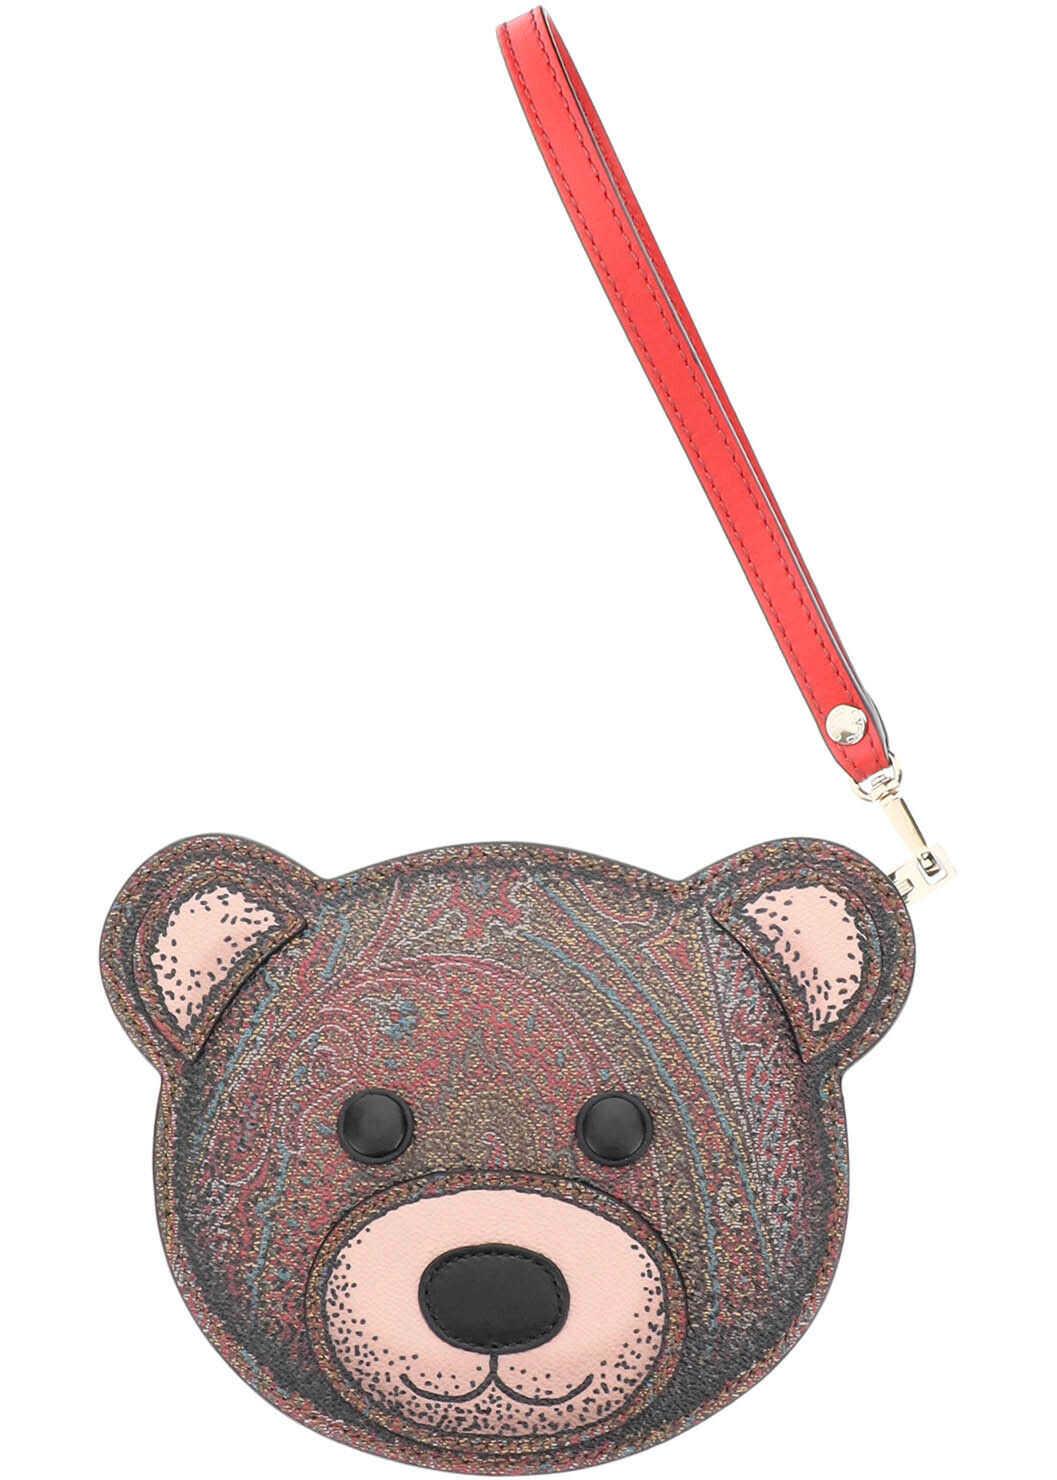 ETRO Twister Toys Teddy Bear Pouch Purse 1N451 2508 ROSSO imagine b-mall.ro